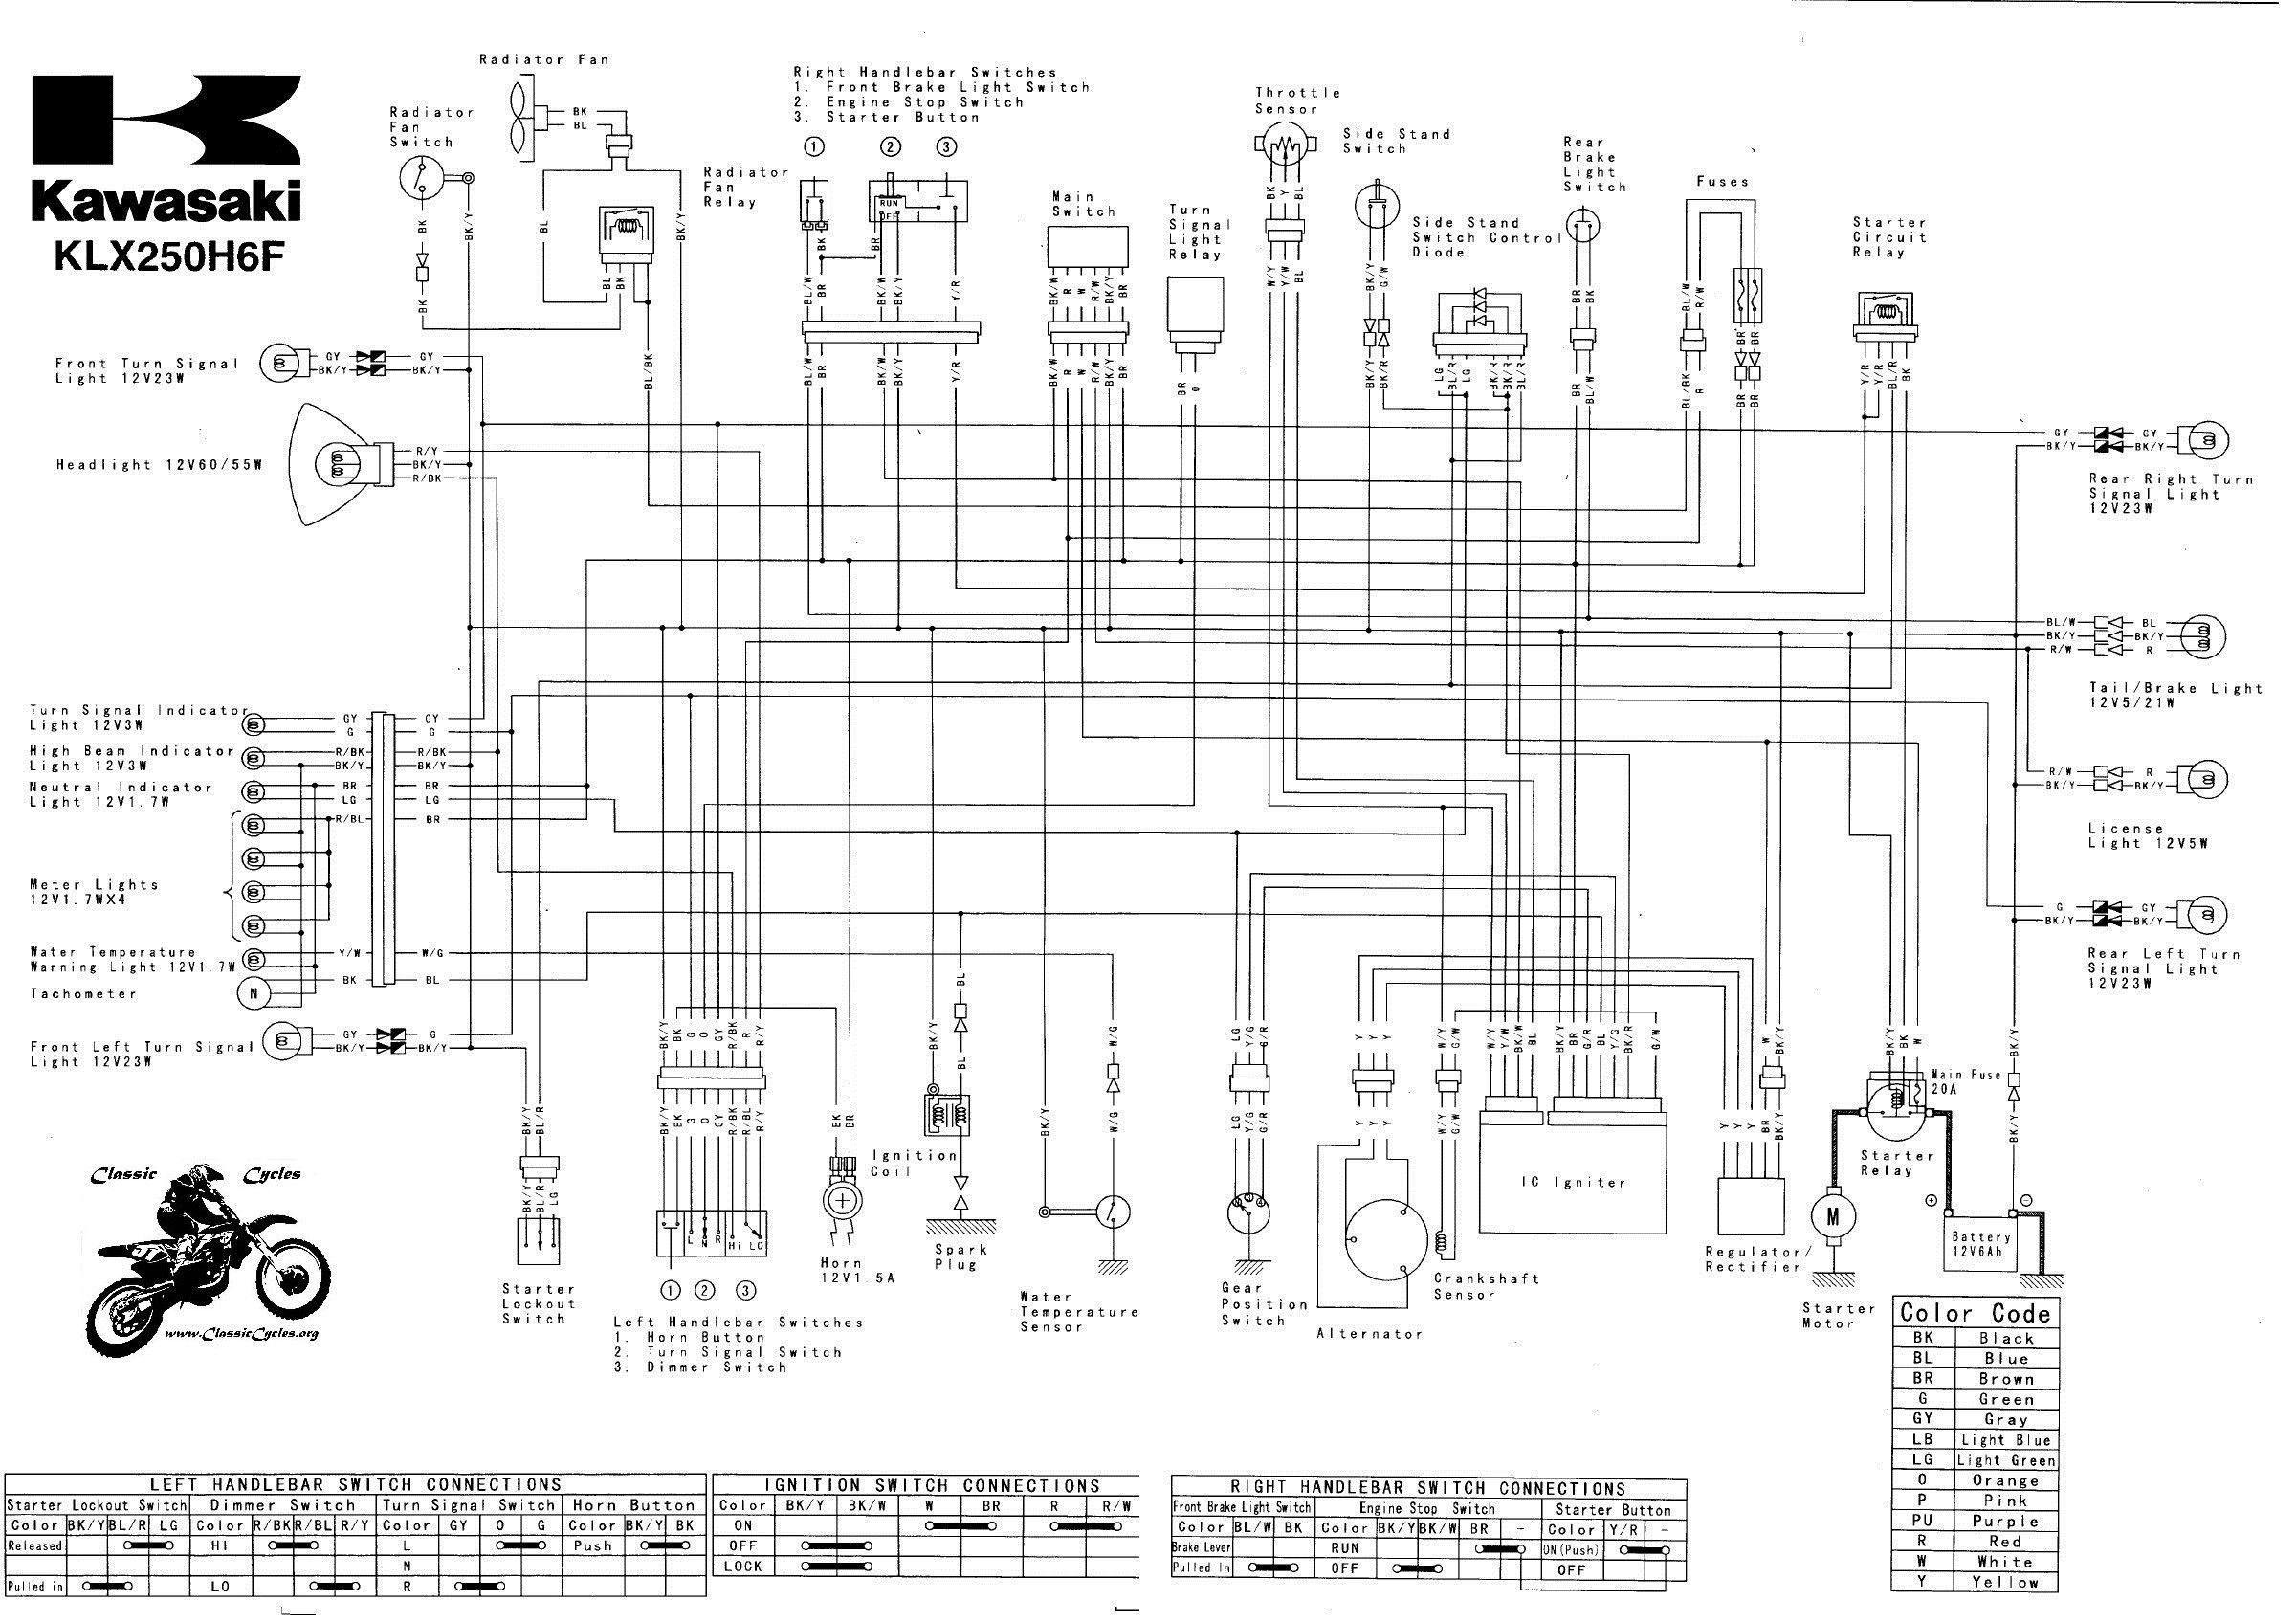 Best Of Kawasaki Motorcycle Wiring Diagram In